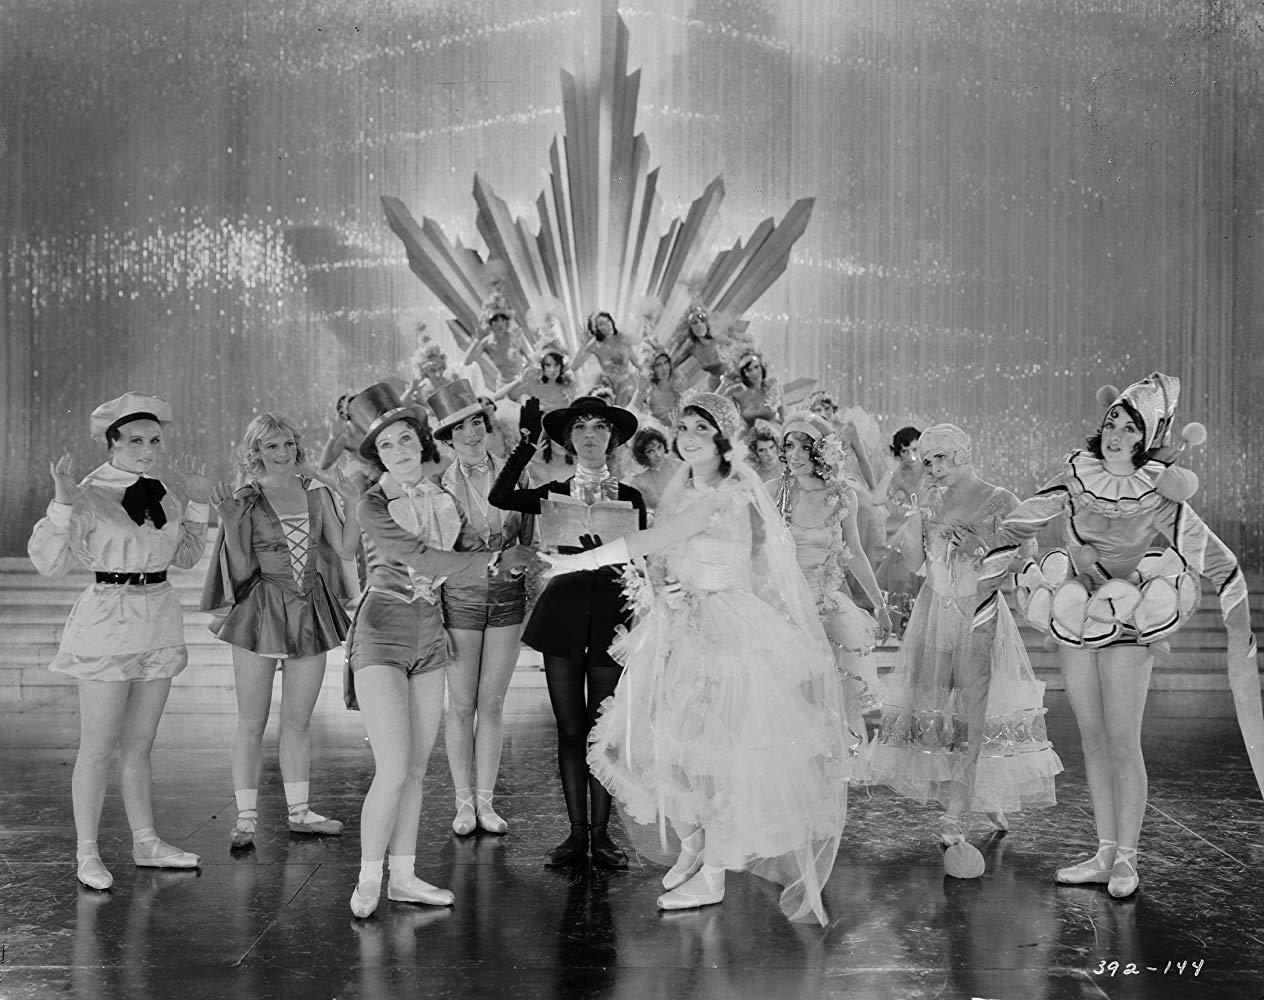 92. Melodia Broadwayu (1929)